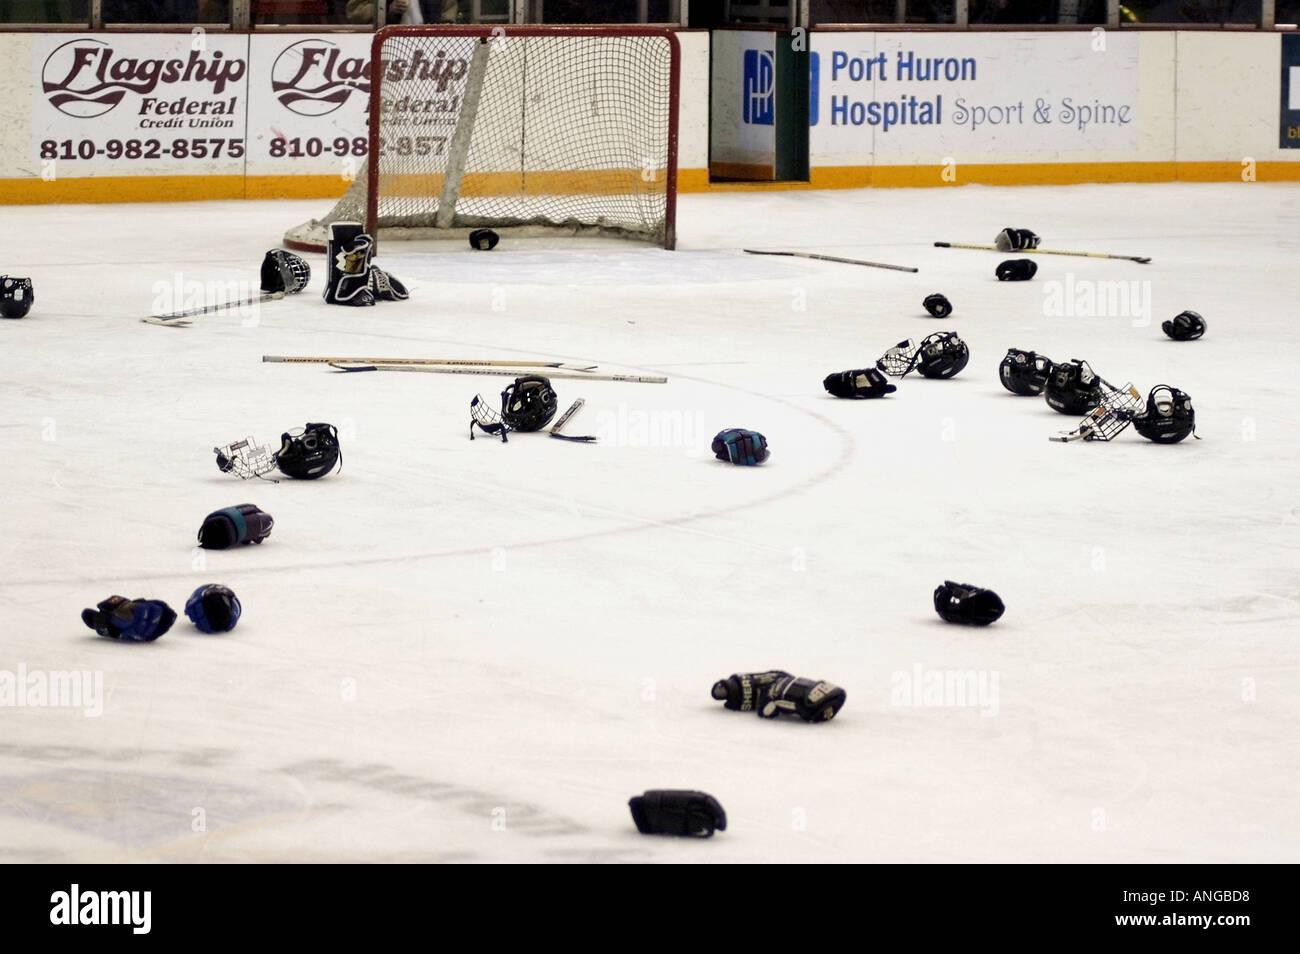 Tournoi de hockey sur glace International Silver Stick action séries éliminatoires de hockey gants Port Huron au Michigan et bâton jeté sur les glaces Photo Stock